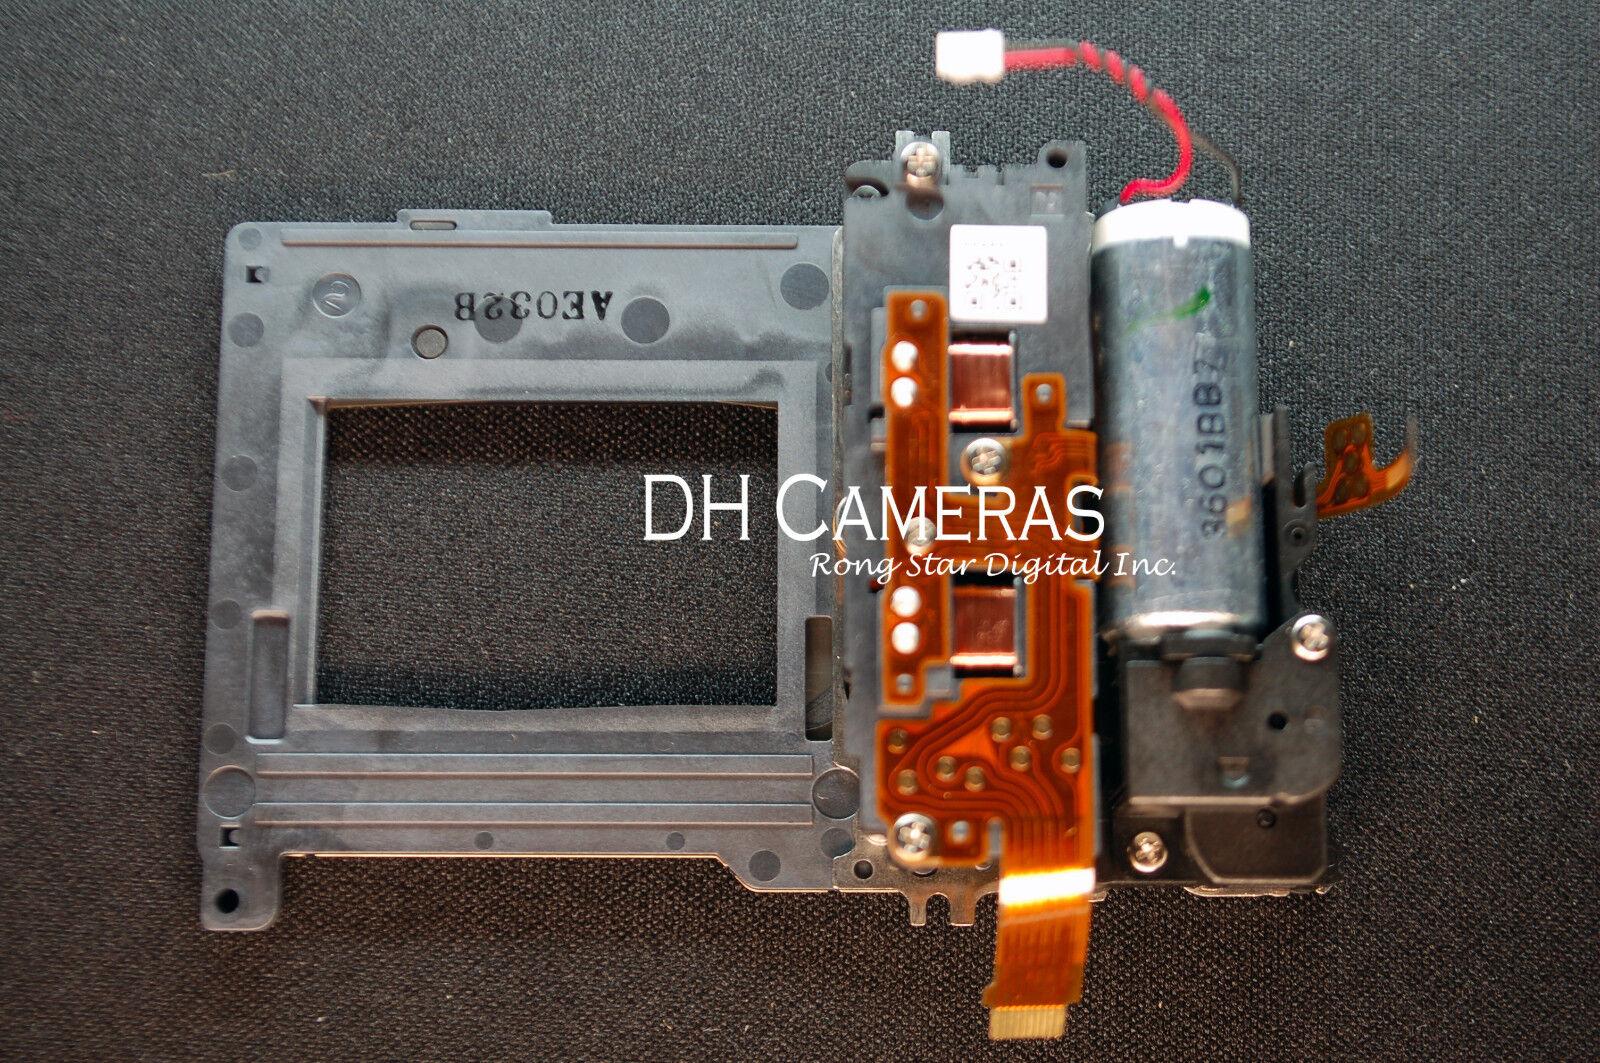 Canon Eos 5d Mark Iii Full Frame Sensor 22.3 Megapixels S...